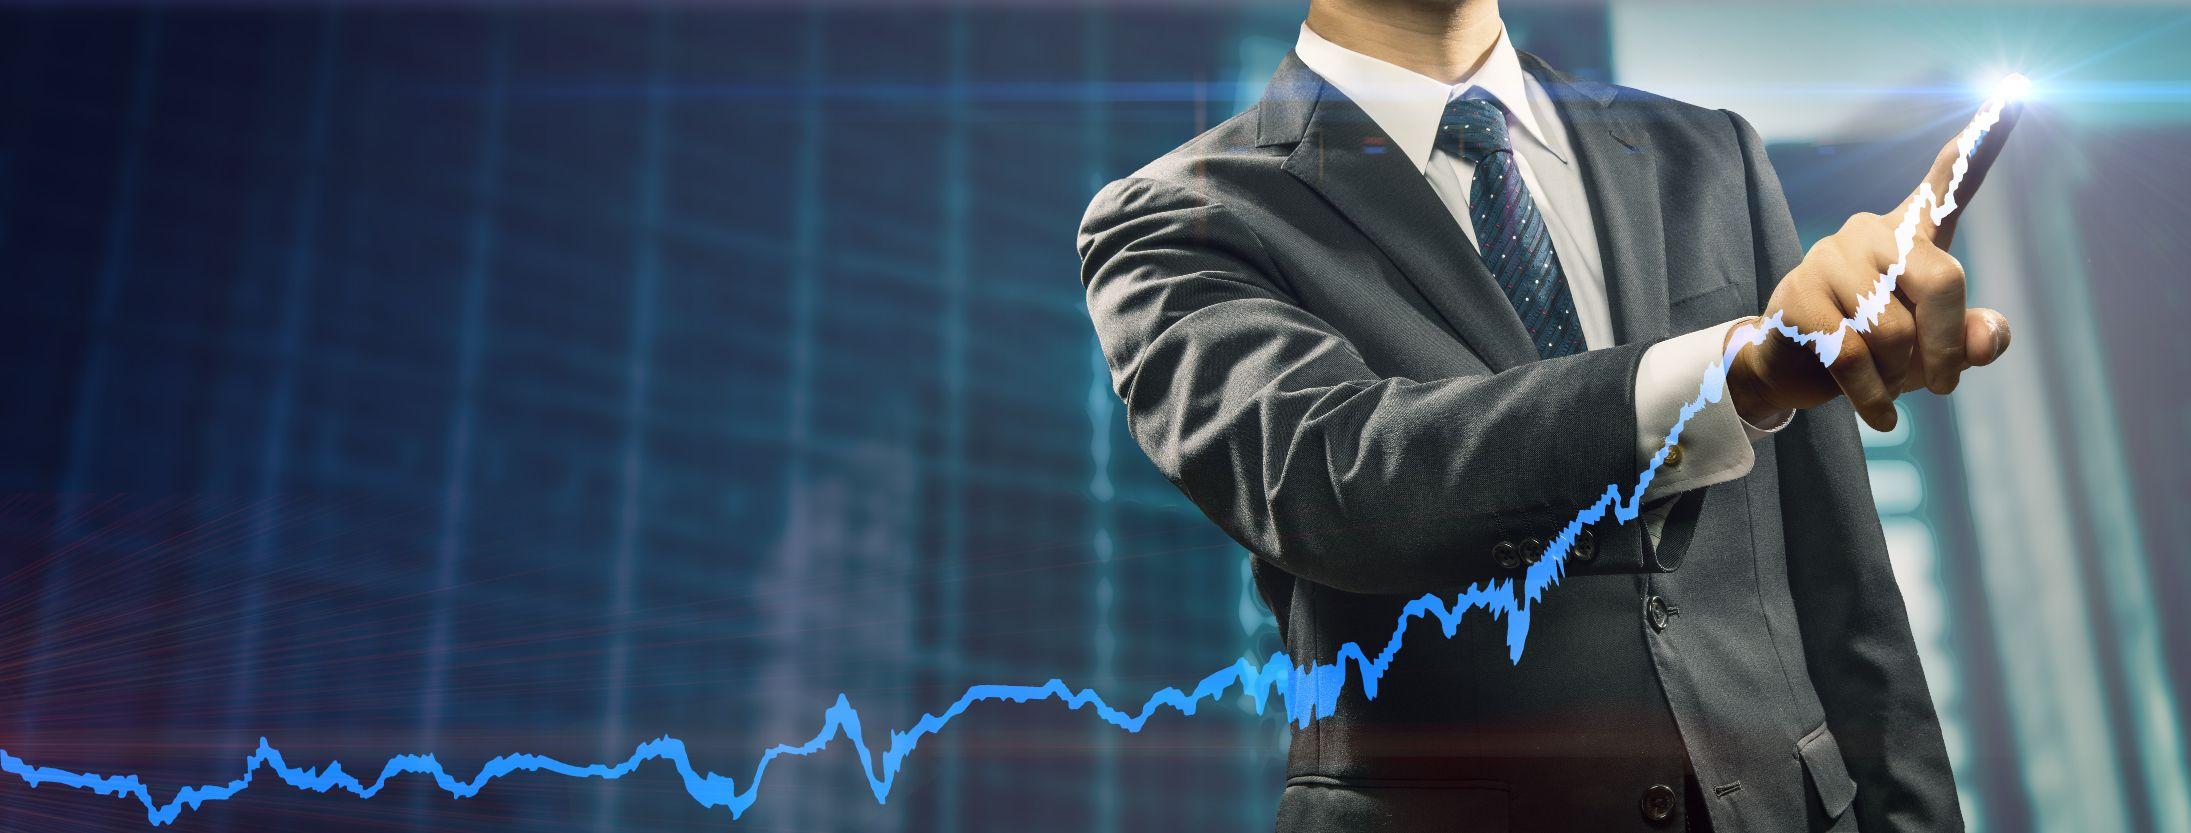 rebond marche bourse